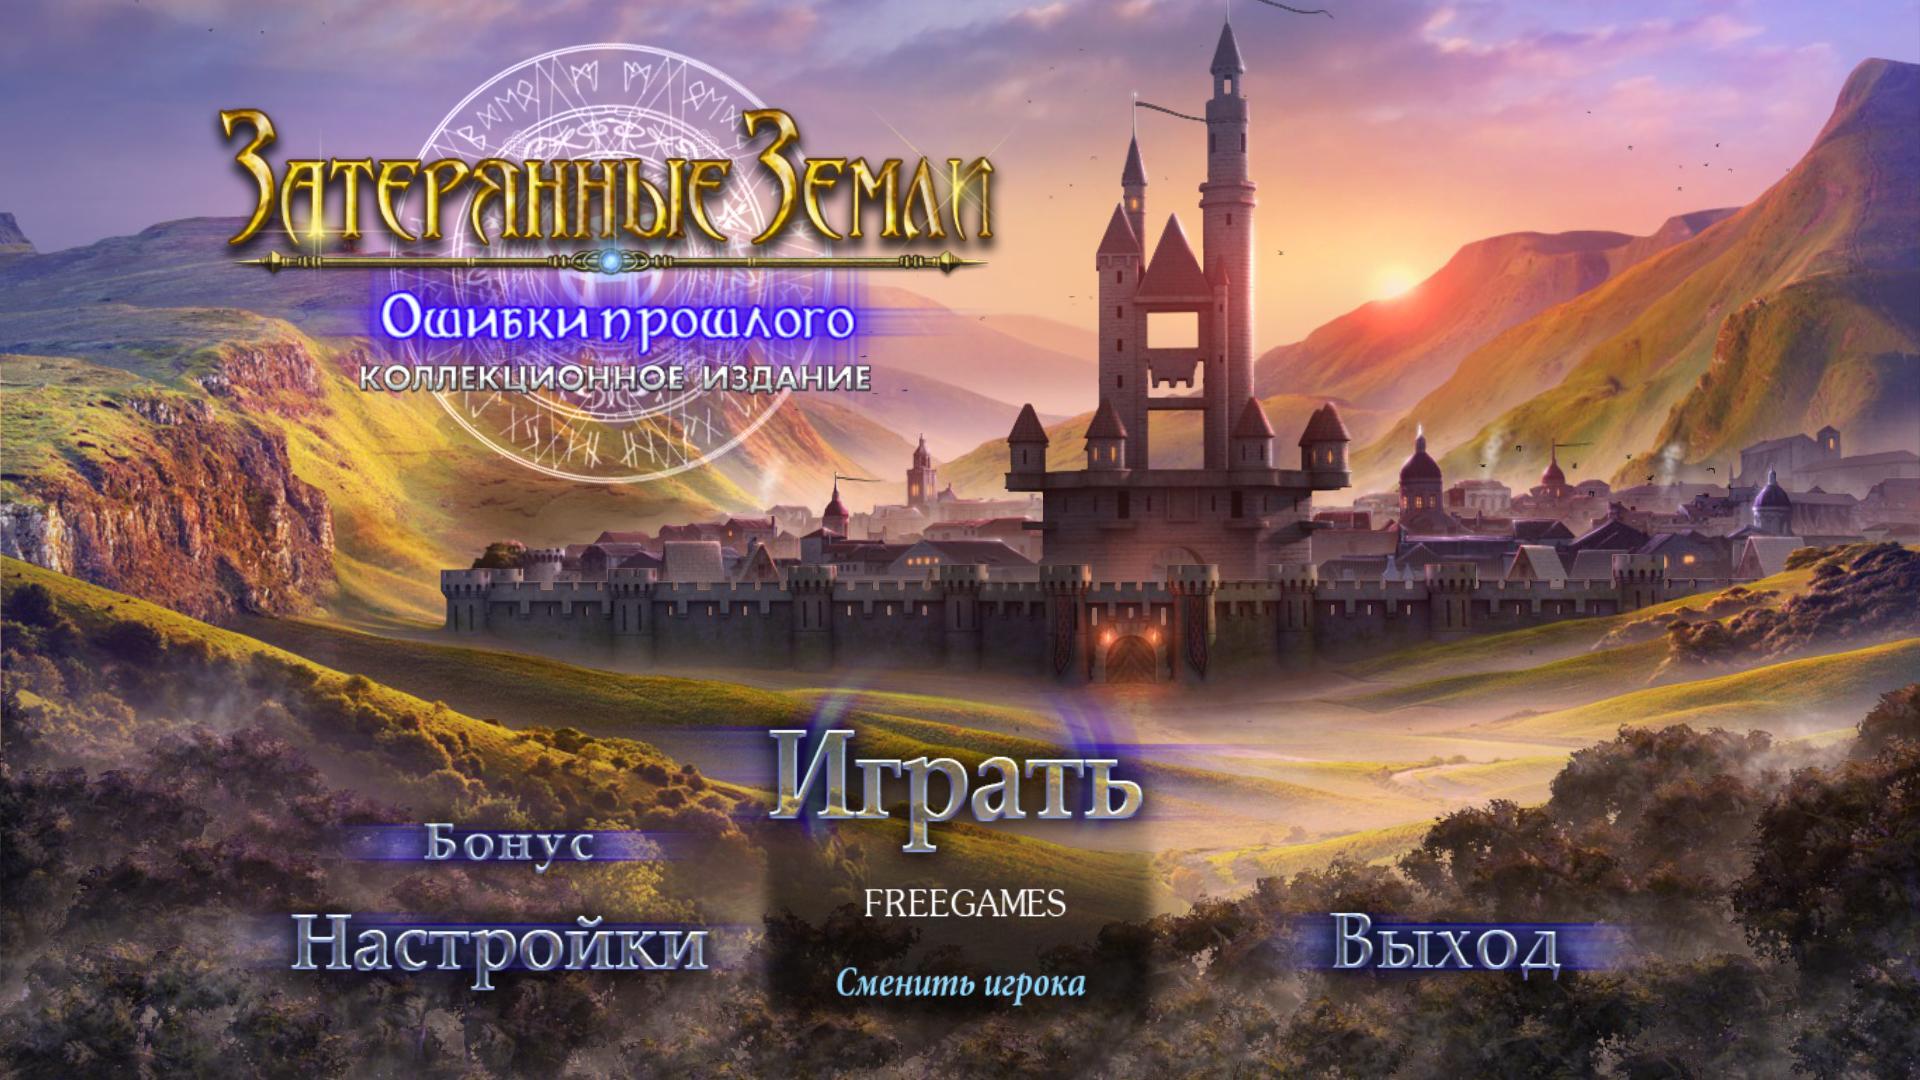 Затерянные земли 6: Ошибки прошлого. Коллекционное издание | Lost Lands 6: Mistakes of the Past CE (Rus)